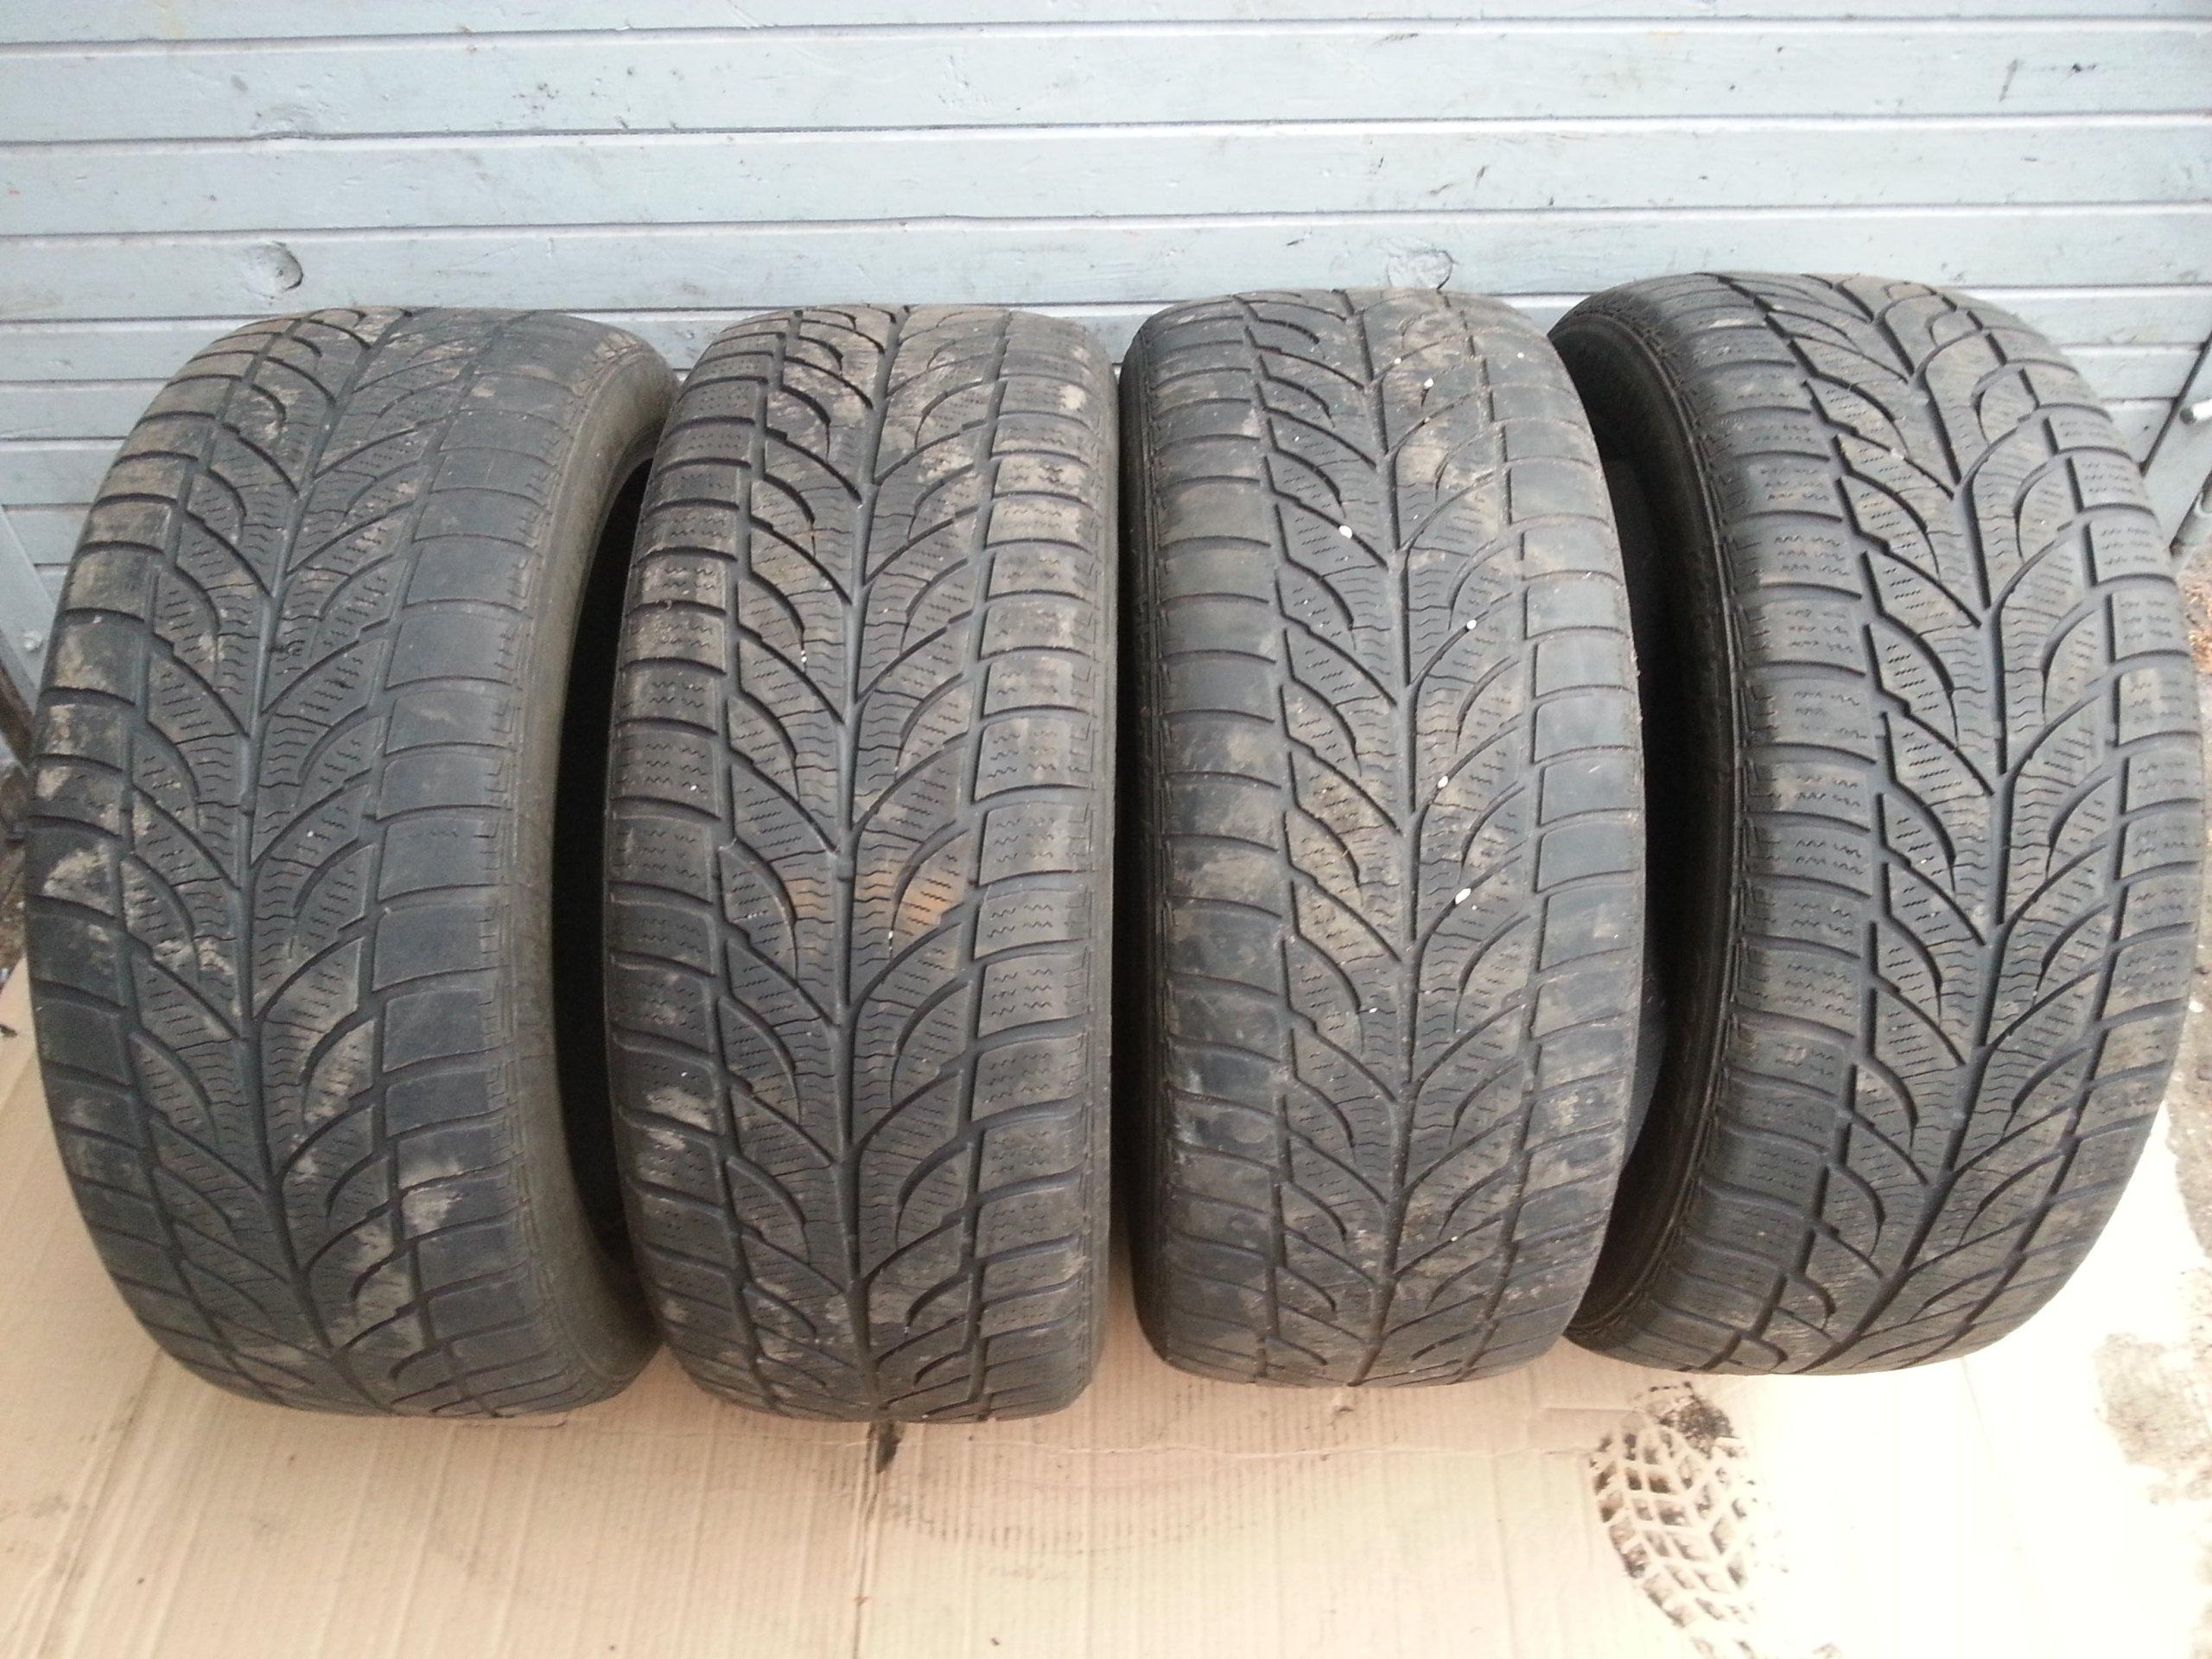 Opony Zimowe 17 Sportiva 4 Szt 22550 R17 Radom 7039830031